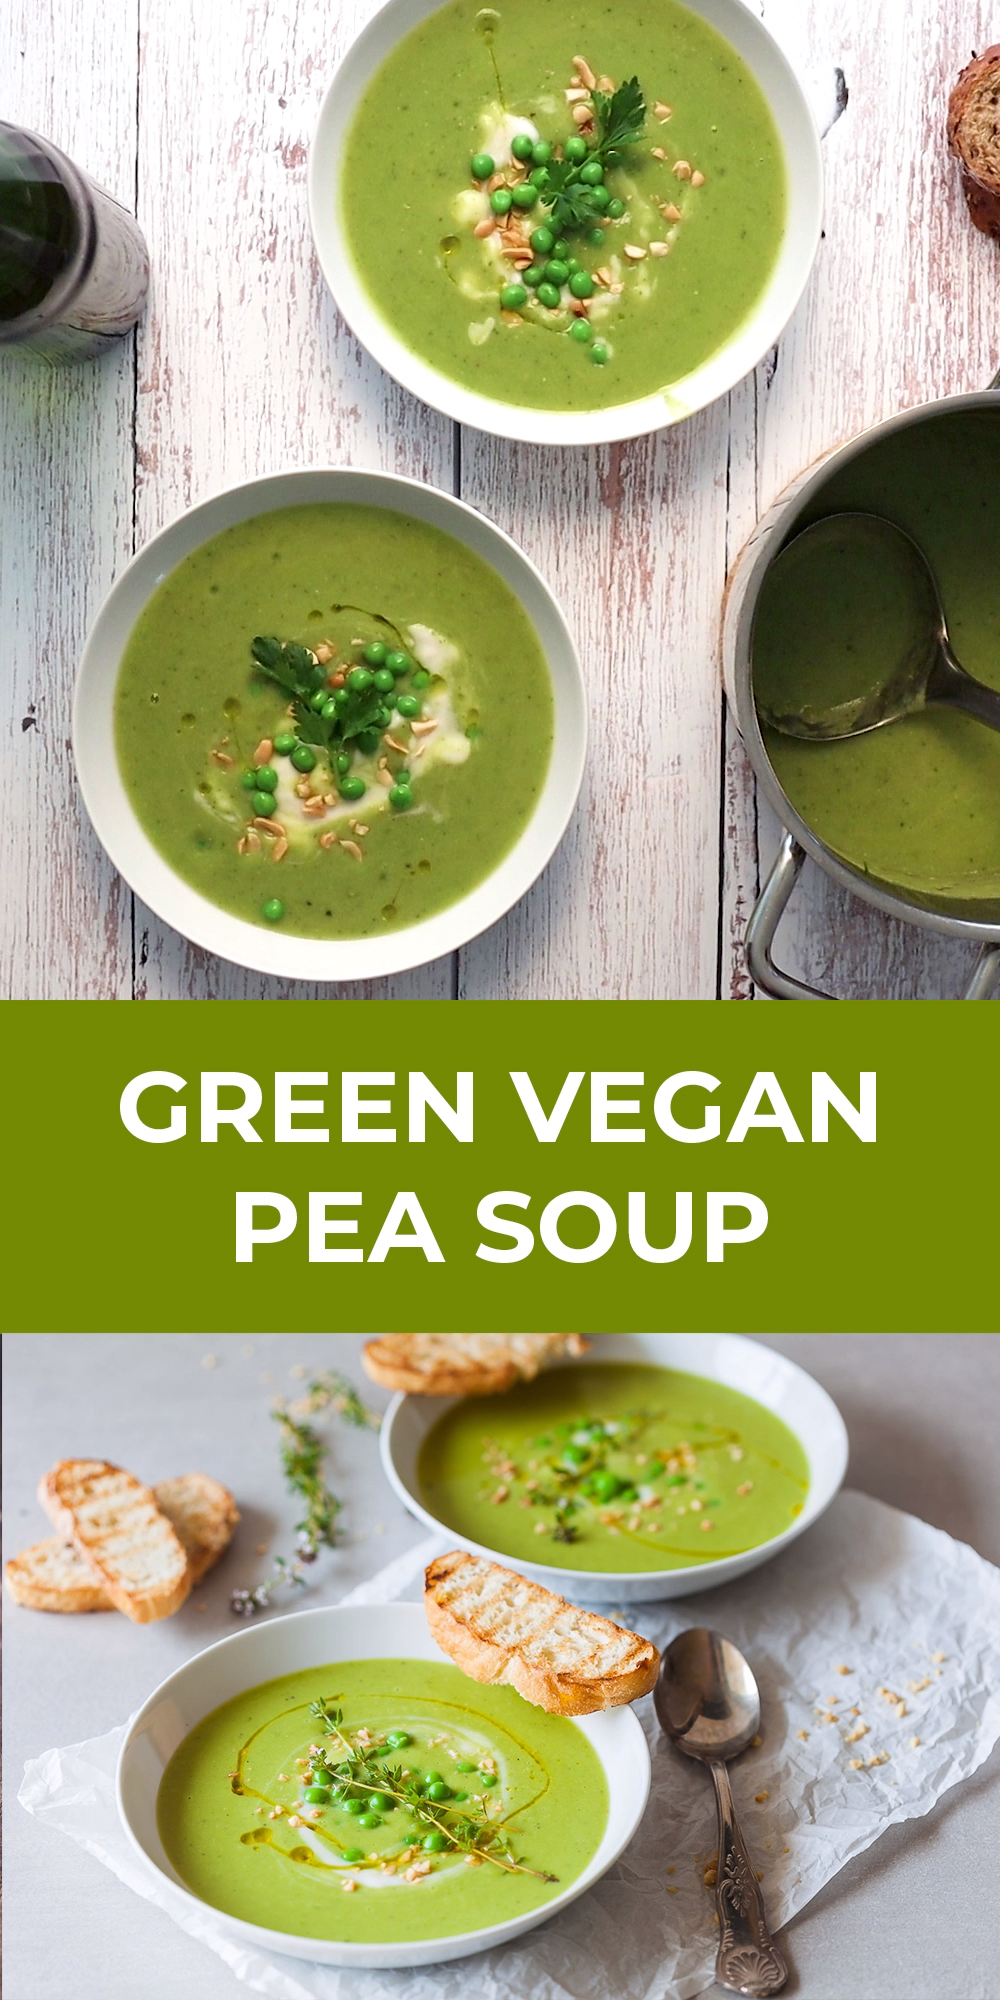 Green Vegan Pea Soup